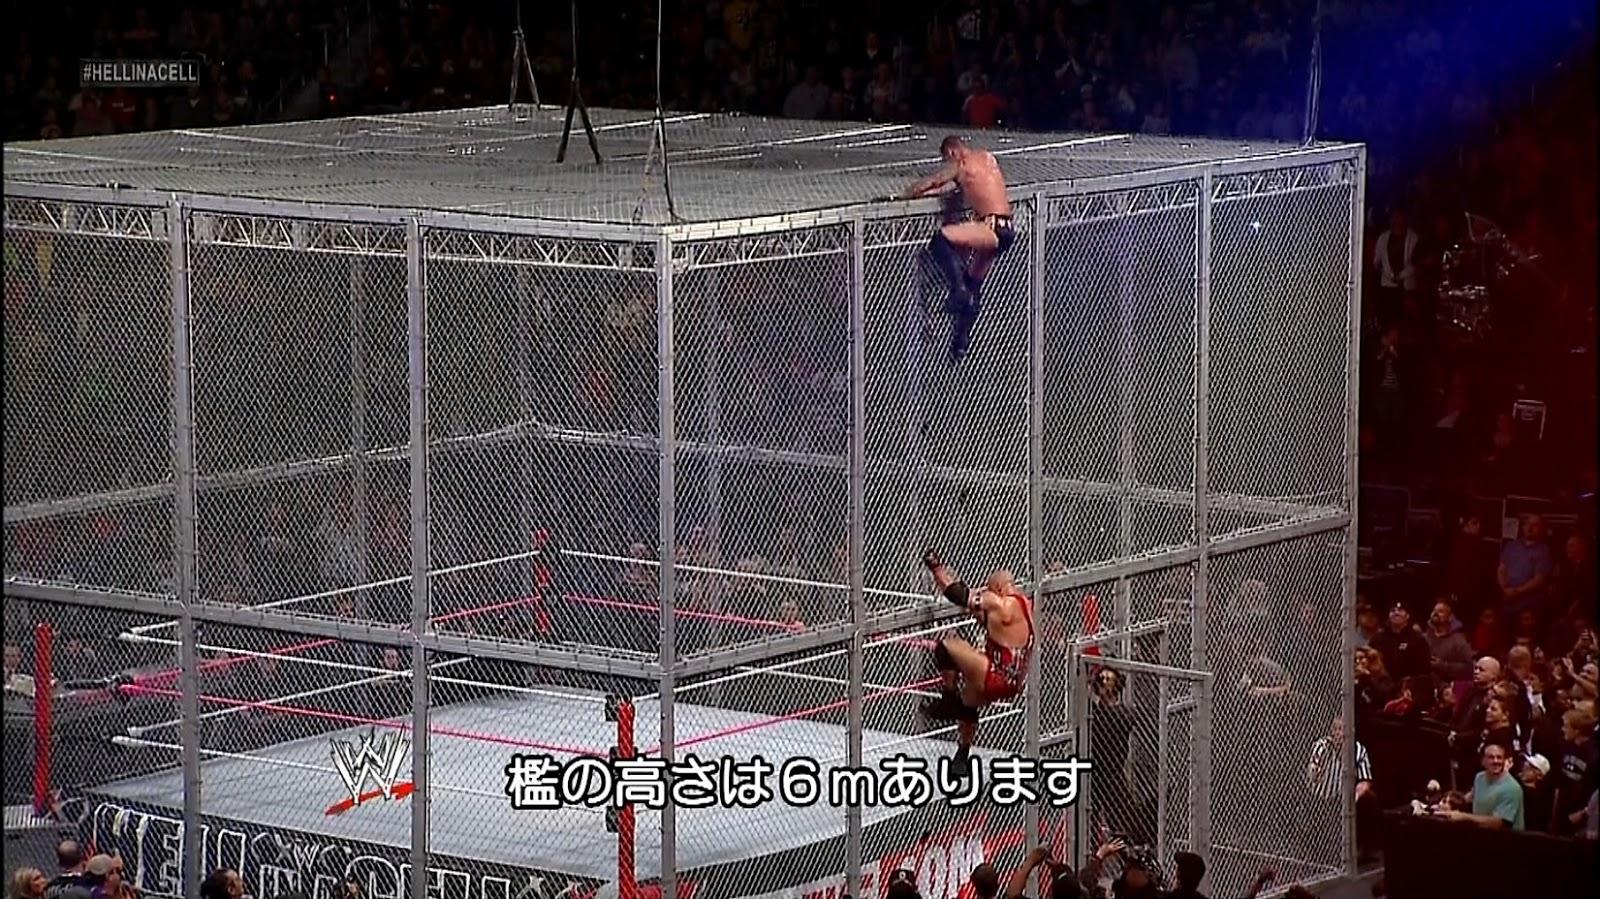 視・読・聴〕: WWE「ヘル・イン...